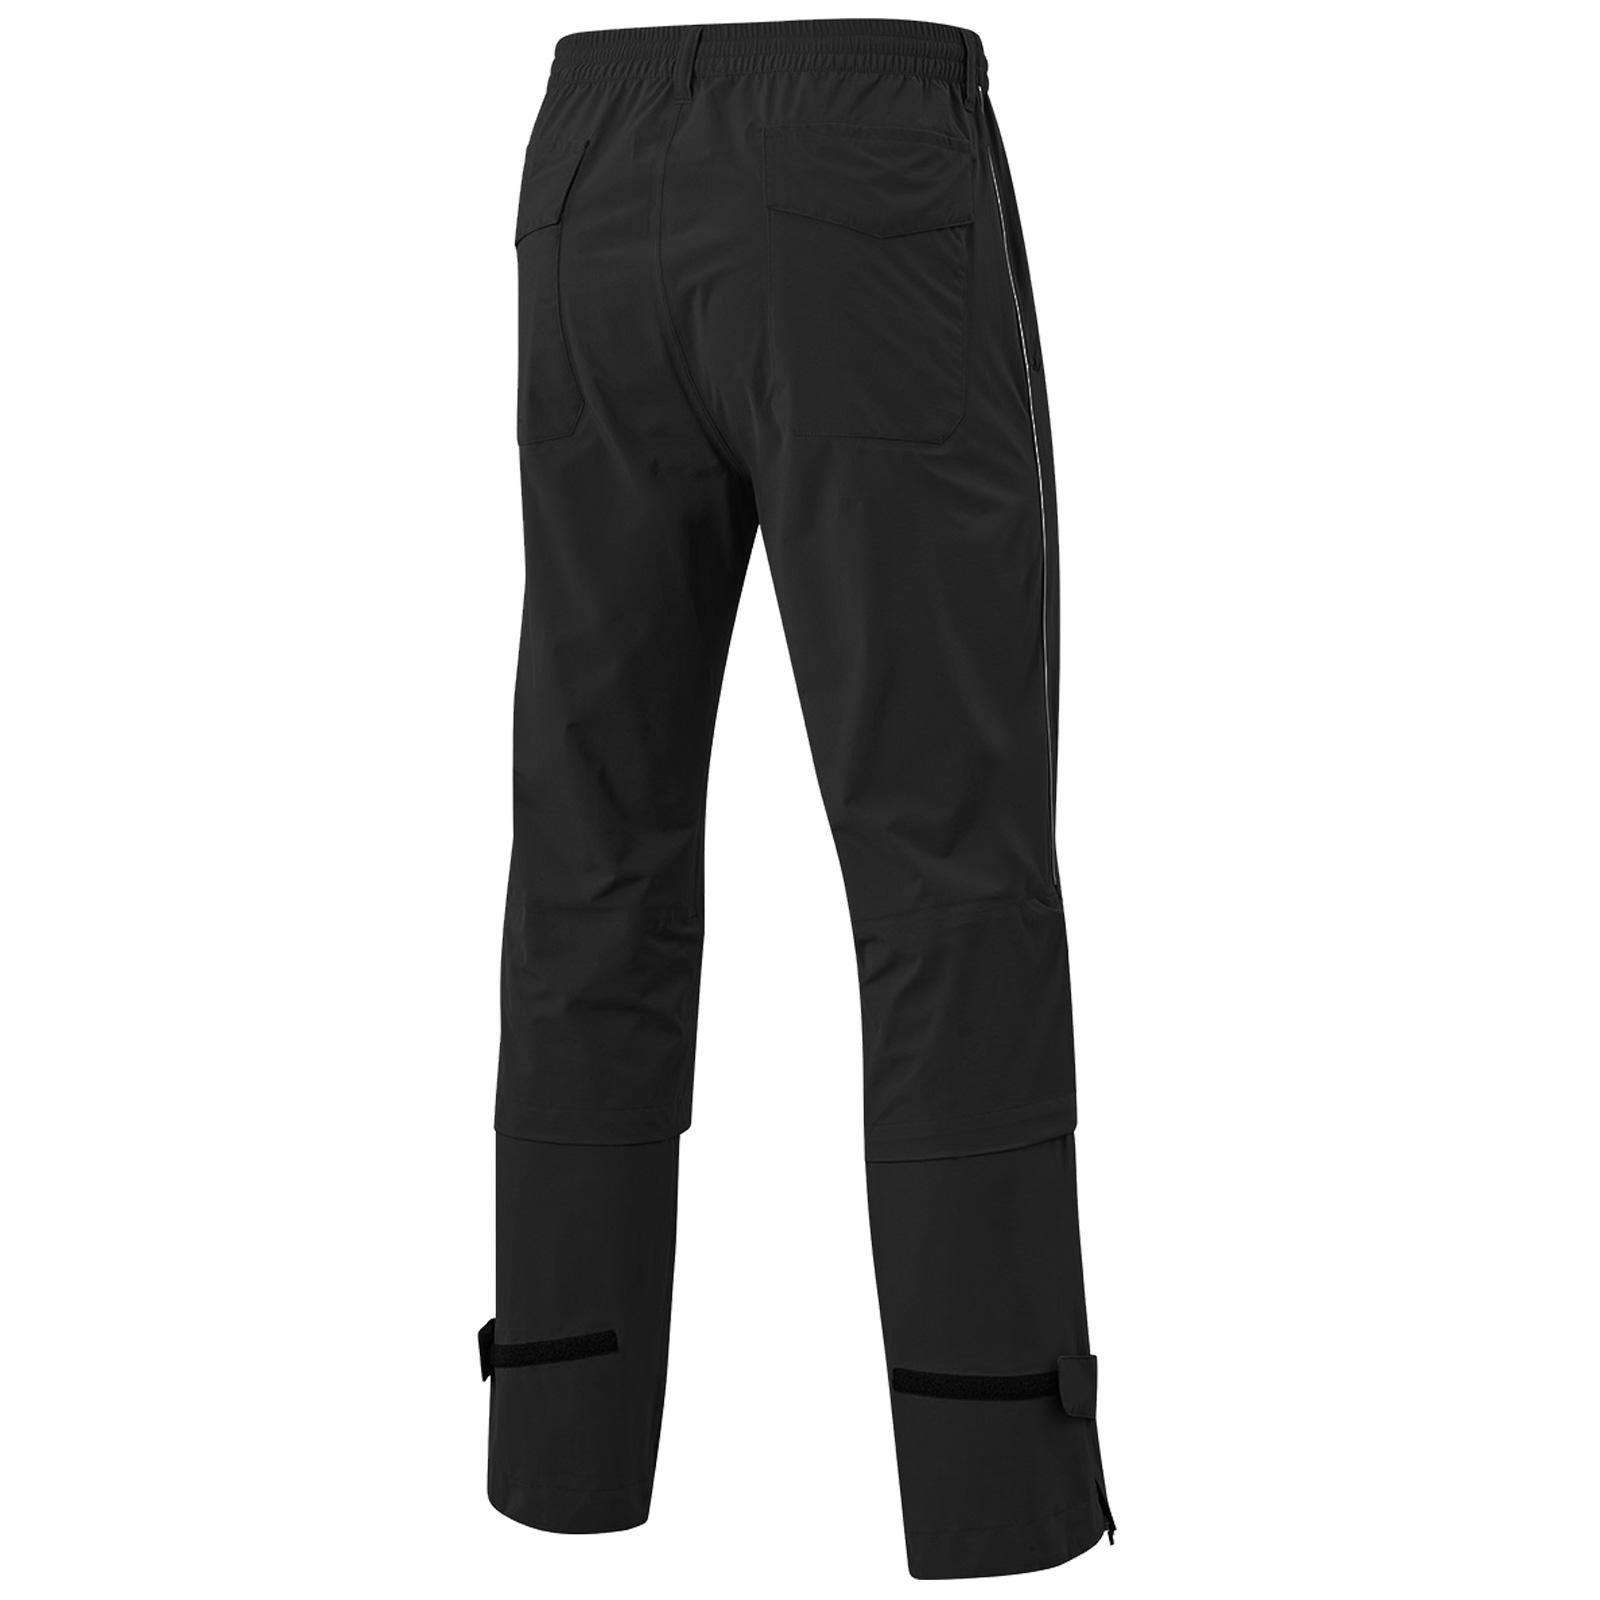 MIZUNO-Uomo-Impermalite-F20-Impermeabile-Pioggia-Pantaloni-Leggero-Pantalone-Da-Golf miniatura 3